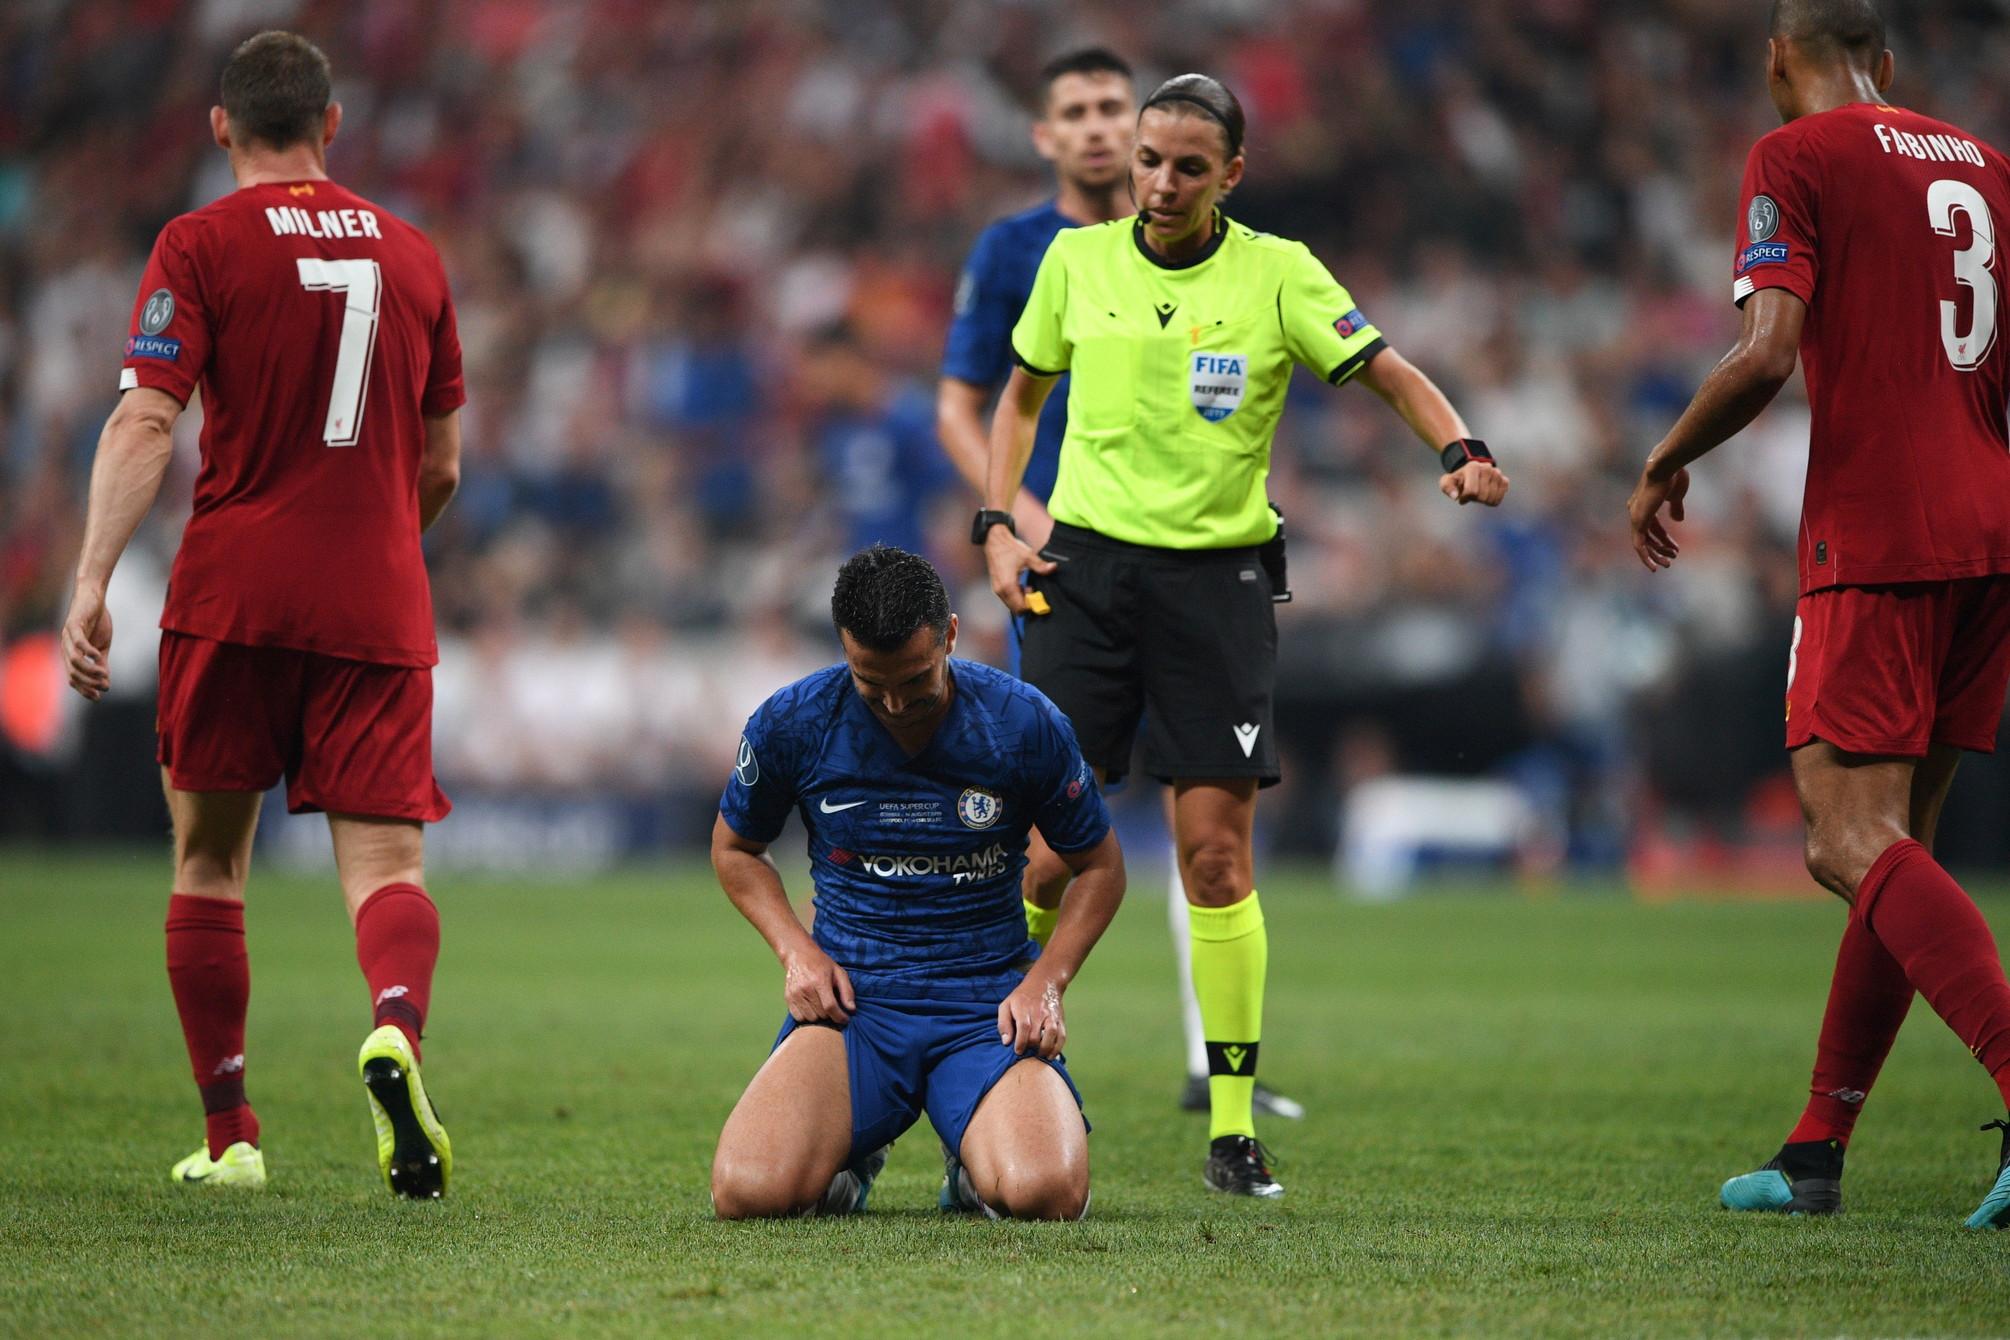 Stephanie Frappartè stata il primo arbitro donna a dirigere una finale europea di calcio maschile. A Istanbul è stata anche la sua...